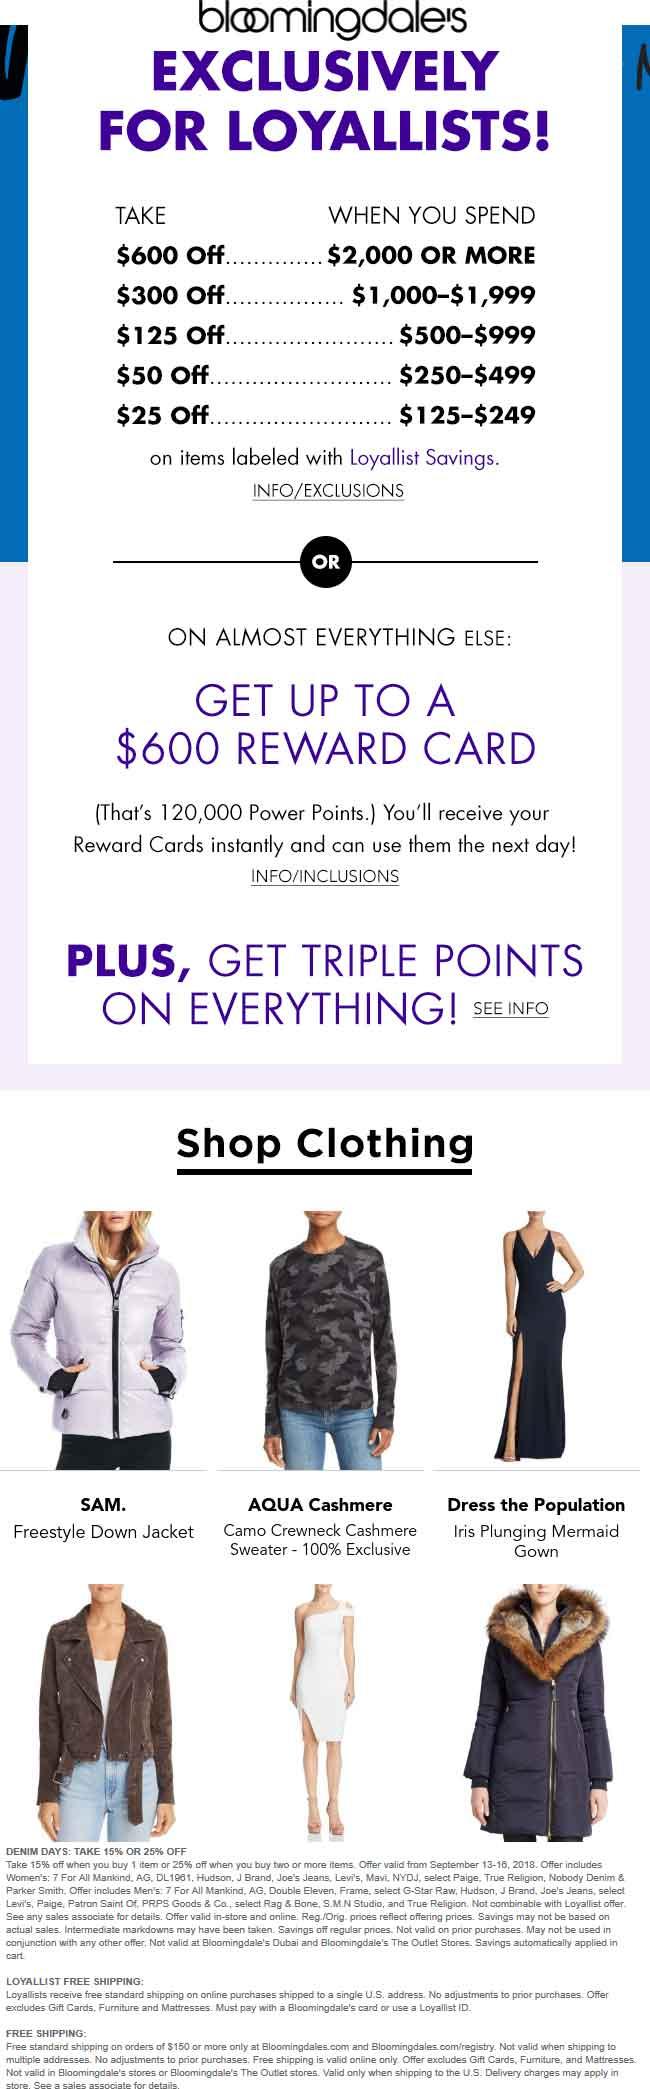 Bloomingdales coupons & promo code for [April 2020]